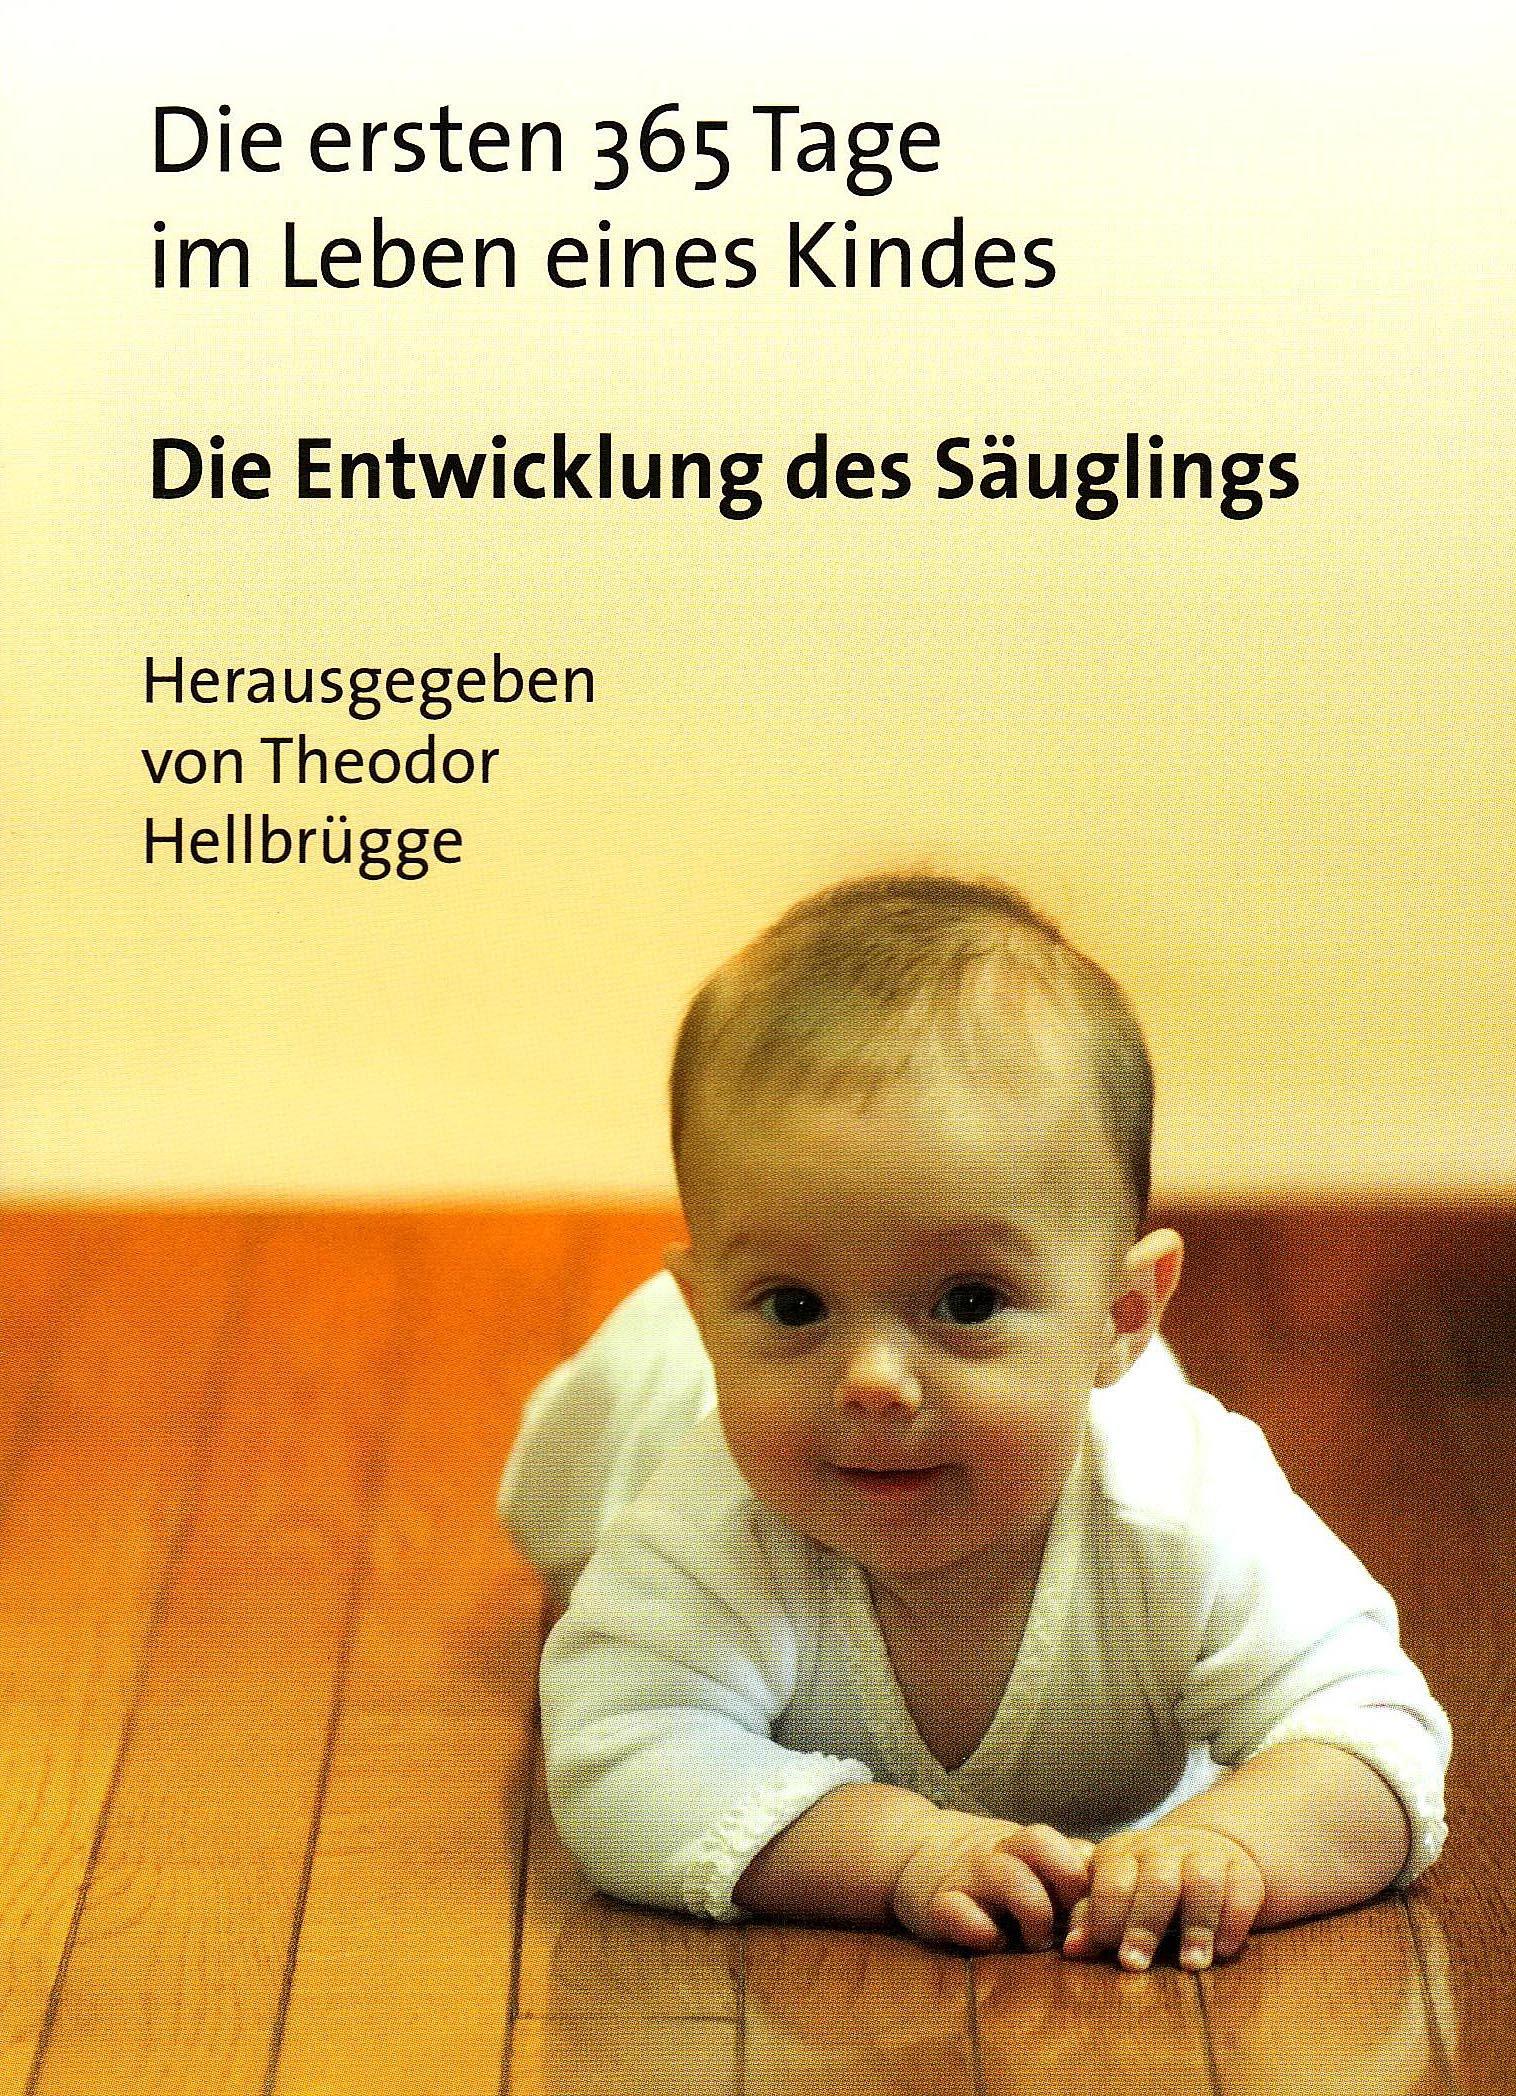 Die ersten 365 Tage im Leben eines Kindes: Die Entwicklung des Säuglings